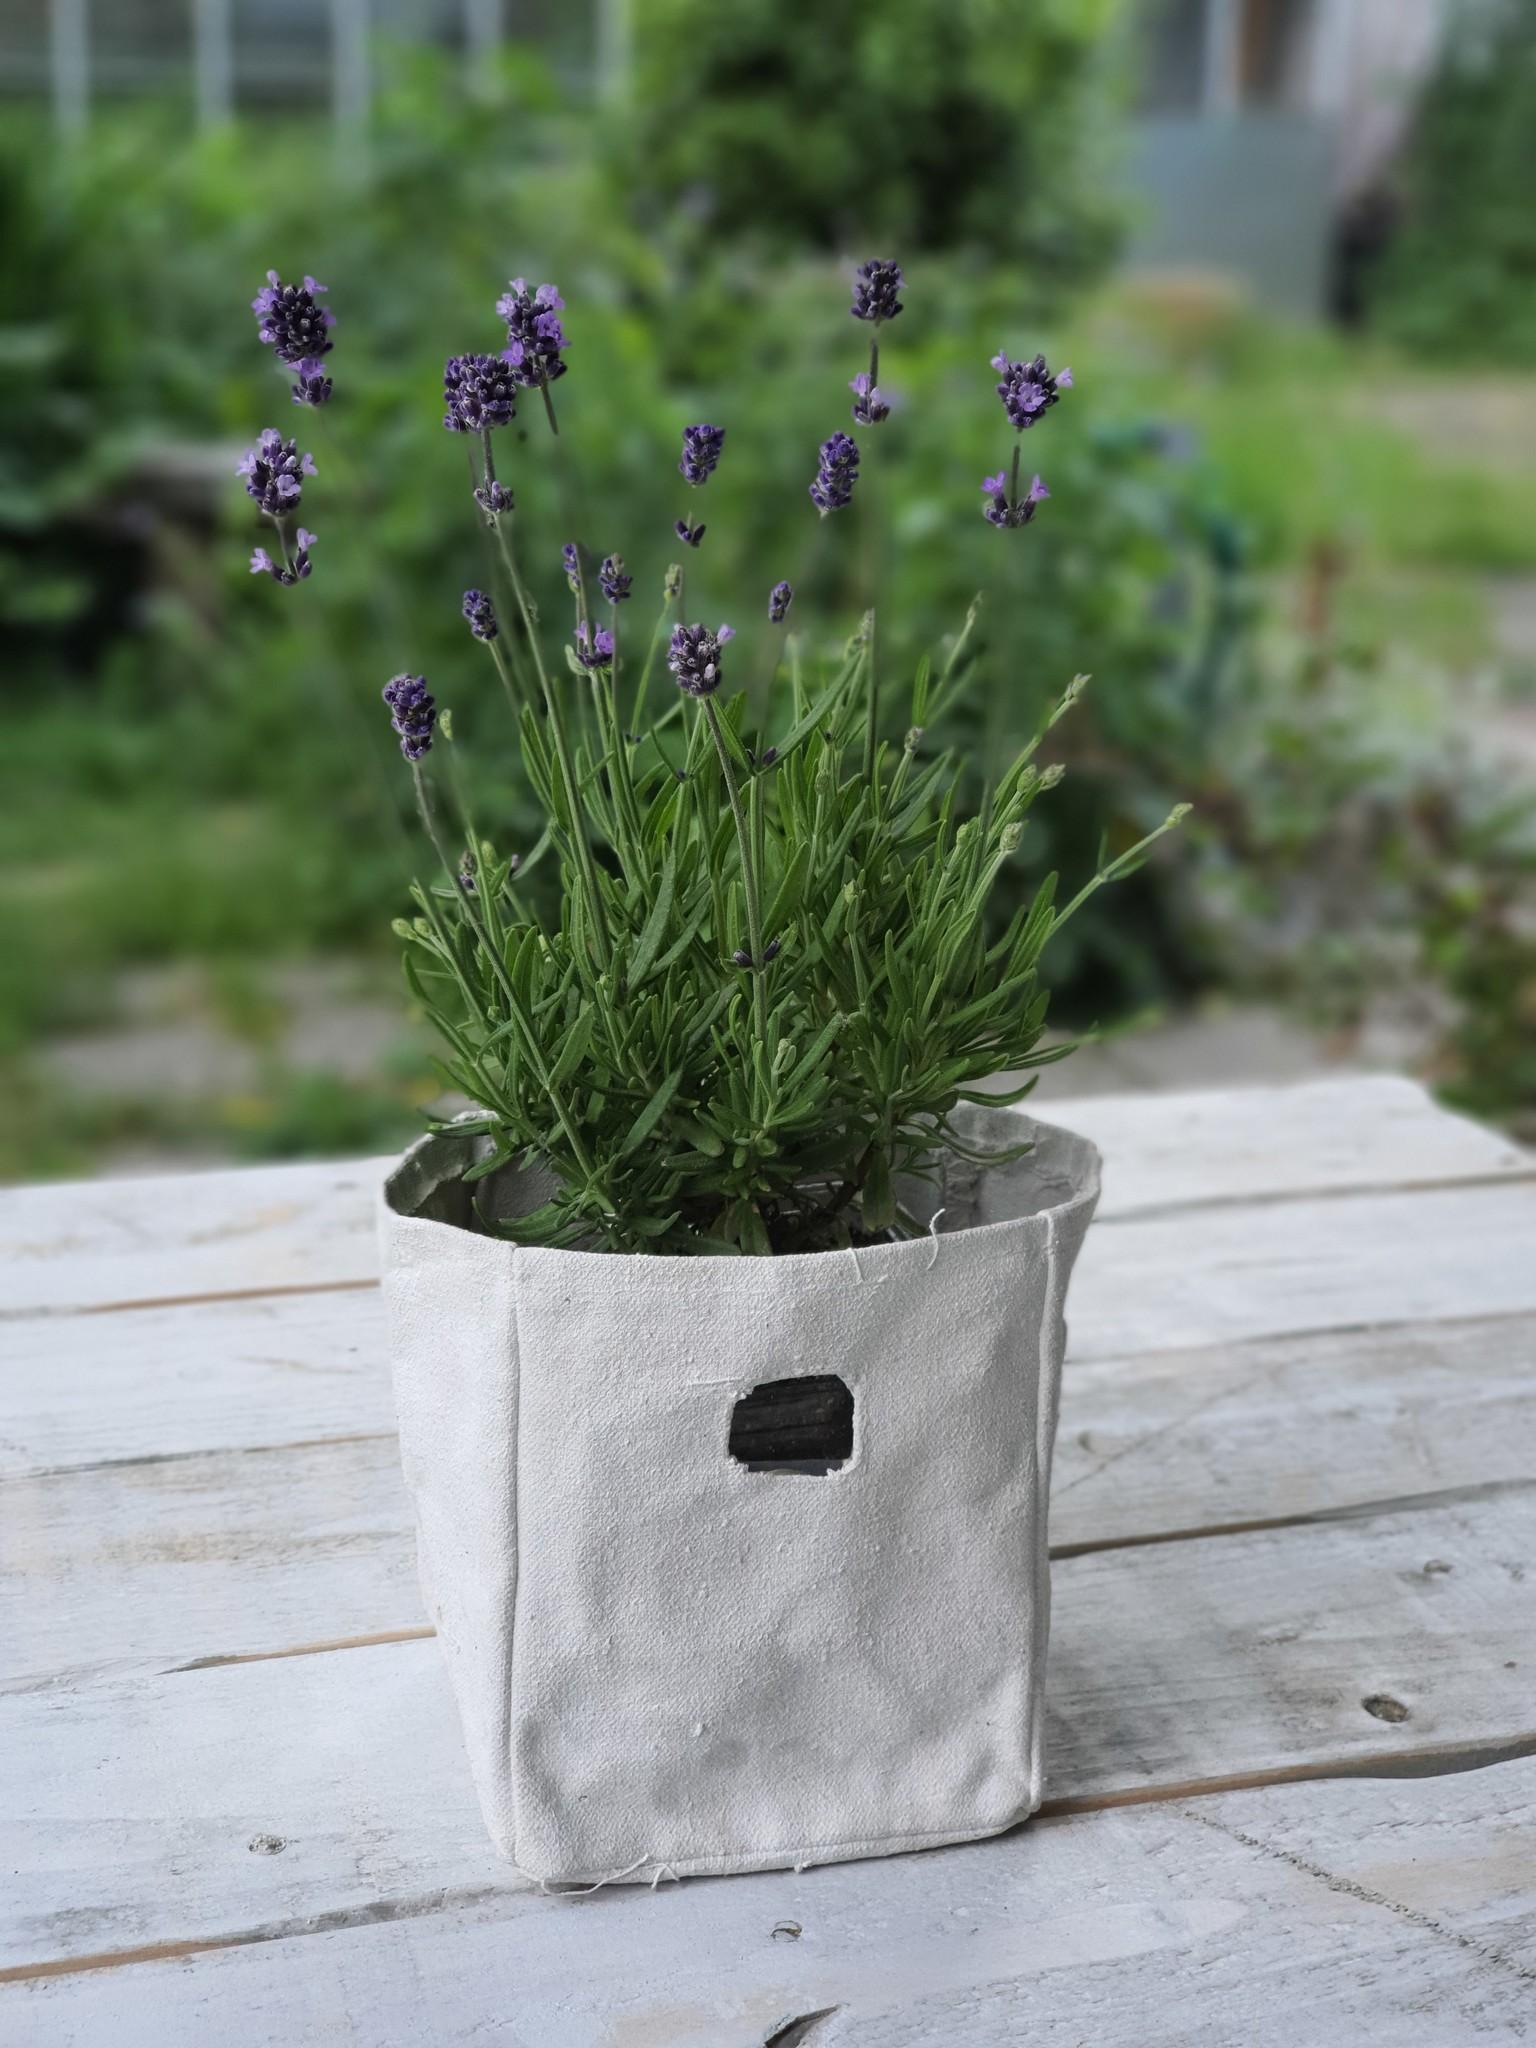 potglasscream bag + glass 13-5